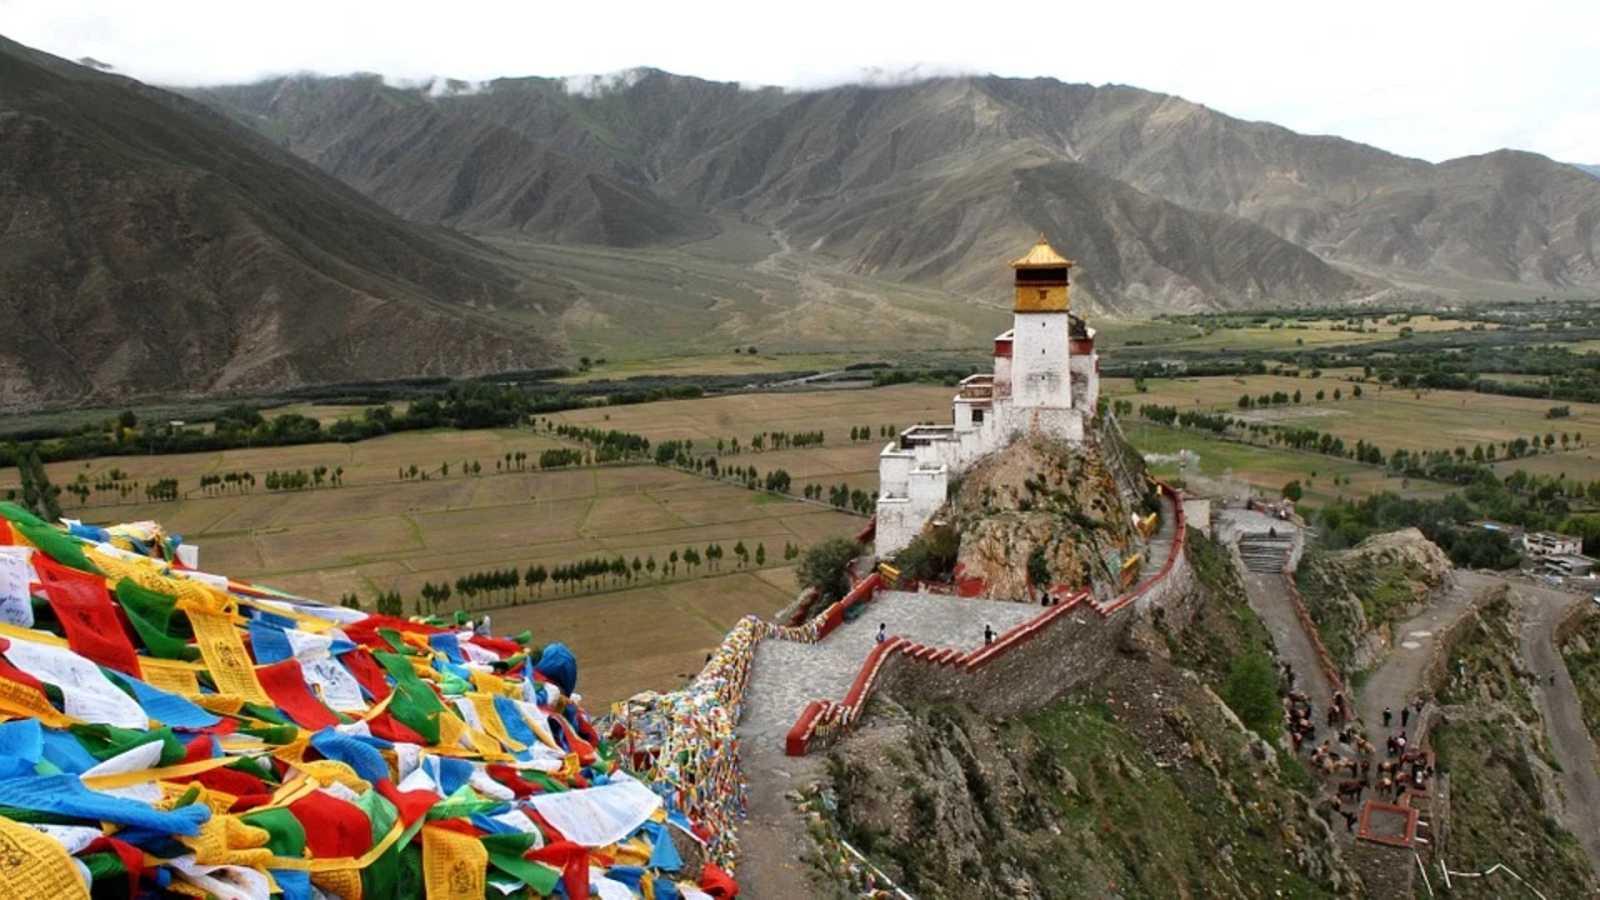 Esto me cuentan - Un cuento del Tíbet  - Escuchar ahora